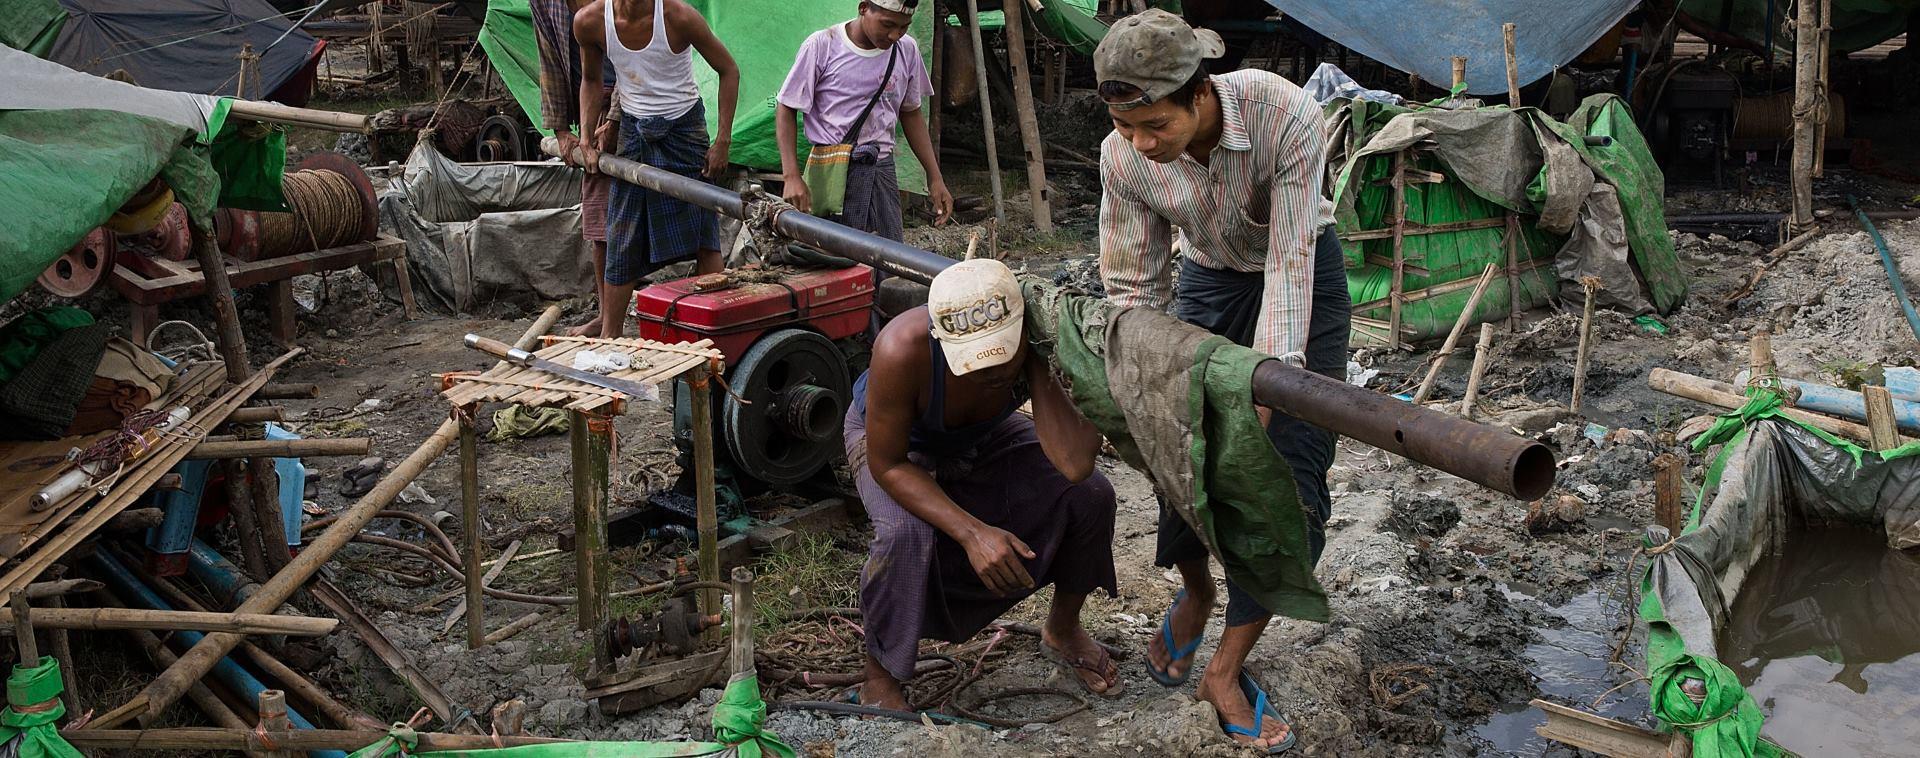 POTRAGA ZA NAFTOM Burmanci improviziranim postupcima crpe naftu